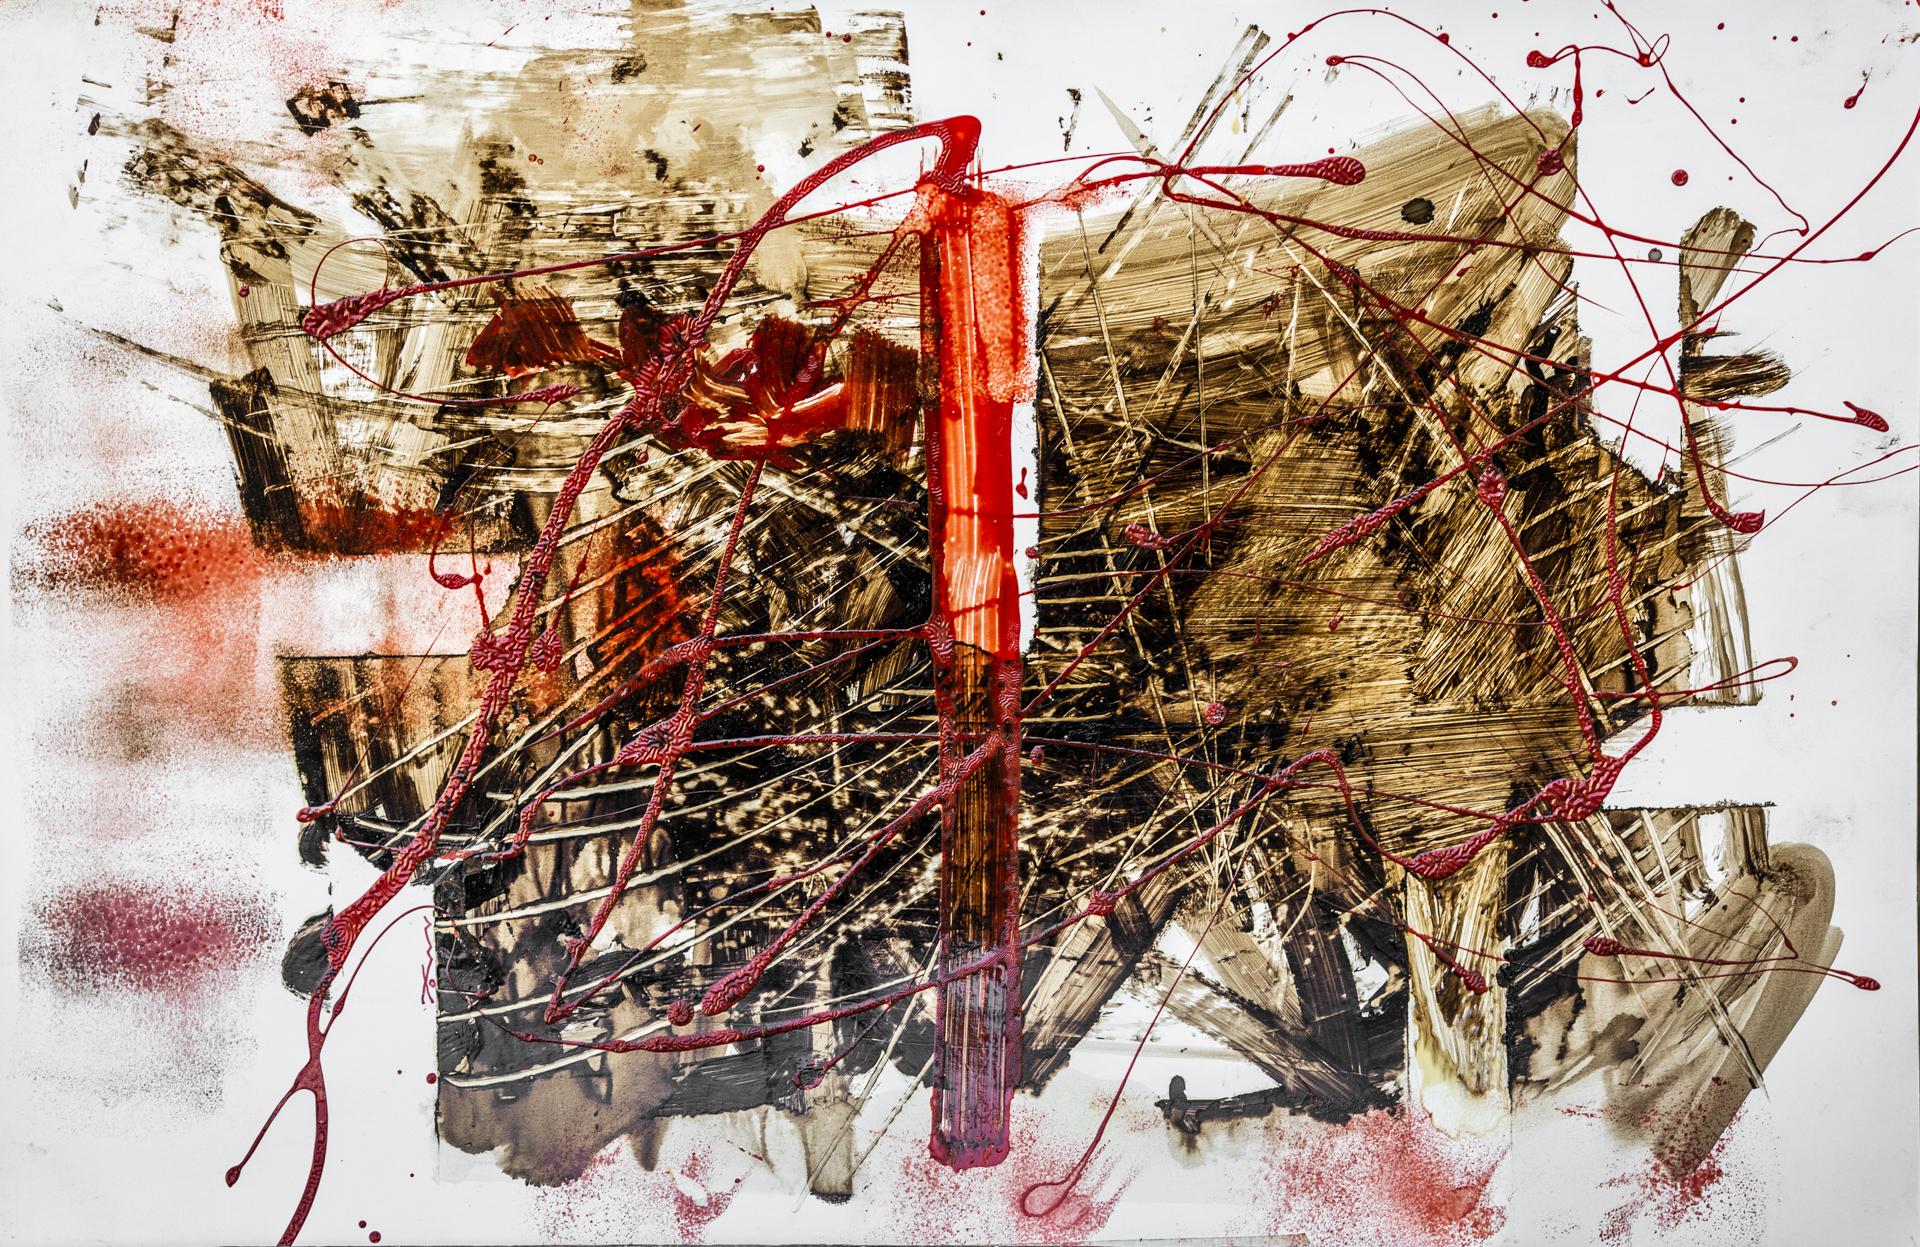 pinturas-obras-de-arte-maximiliano-borgia-006